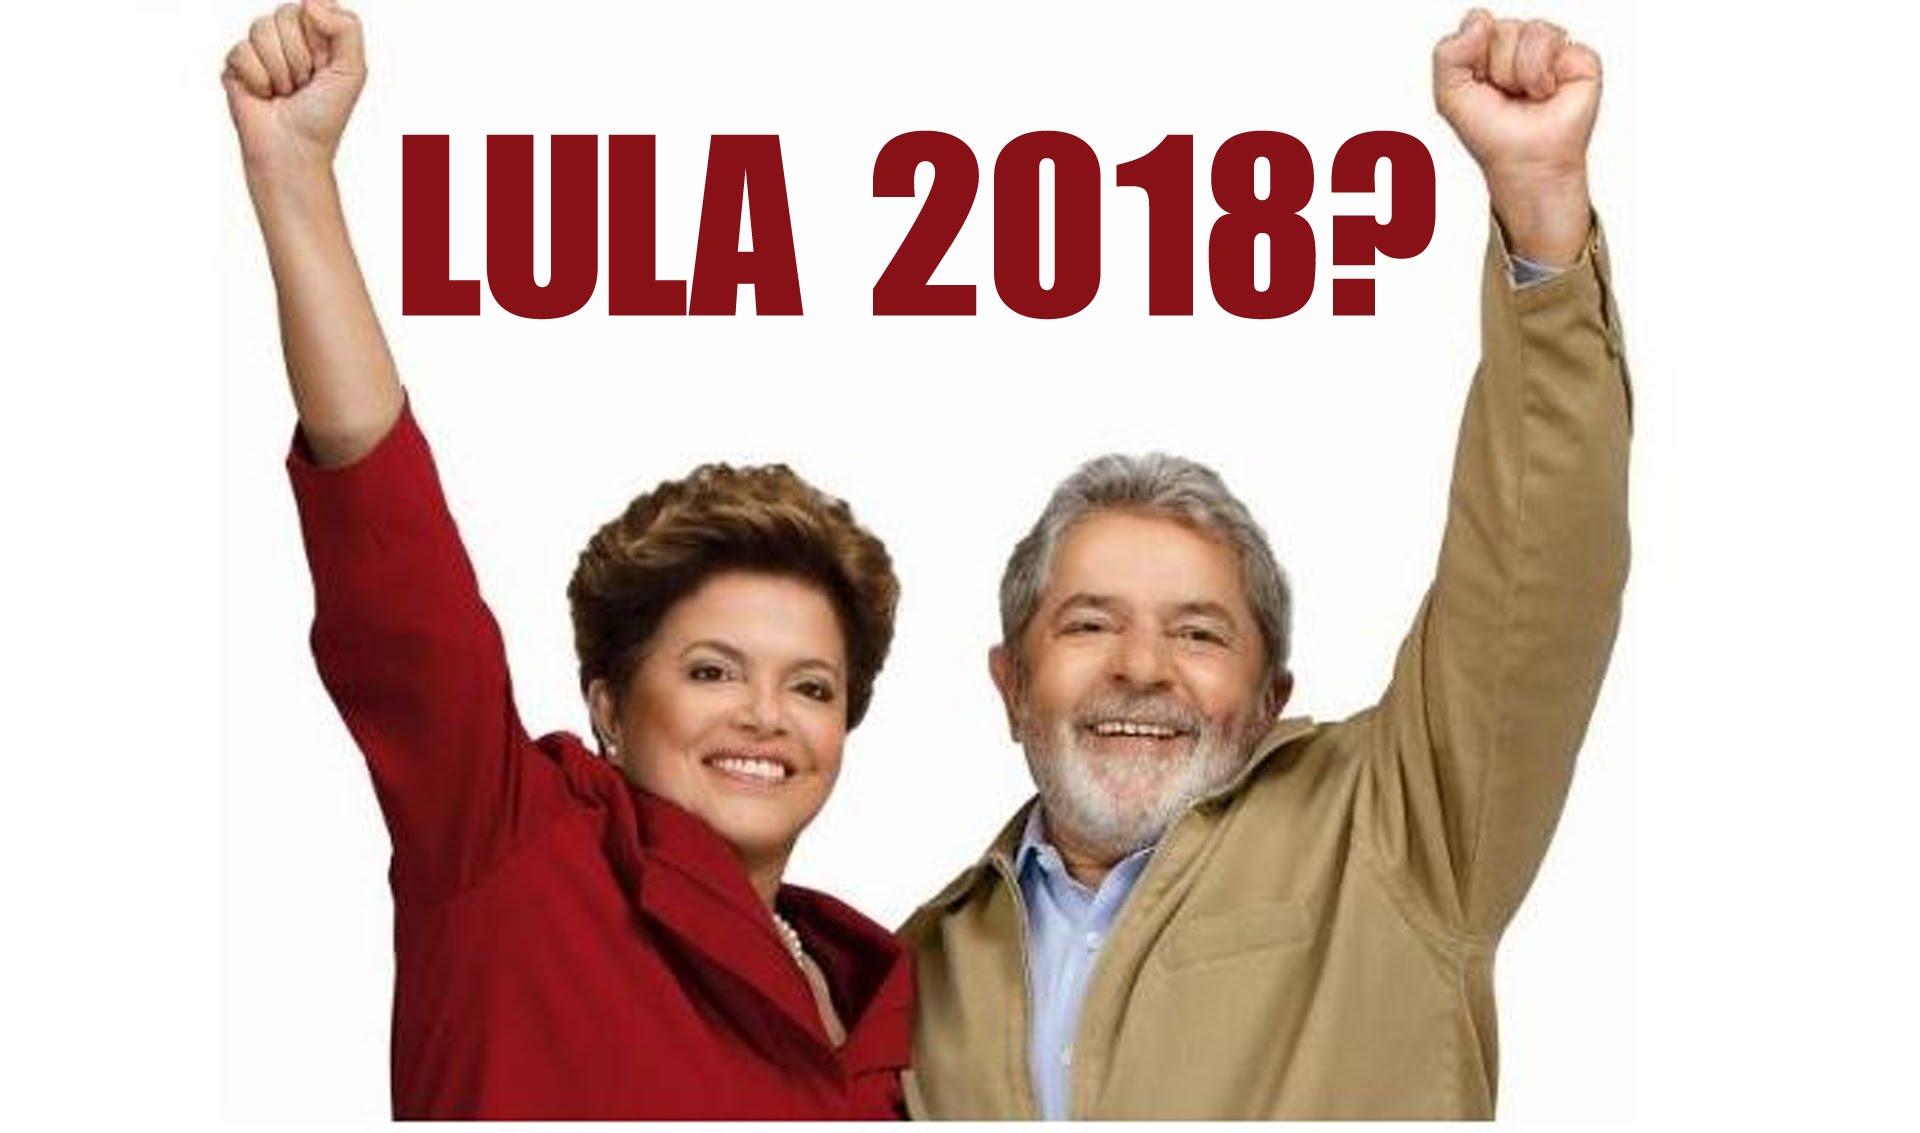 Se inicia el juicio a Lula, candidato favorito en 2018